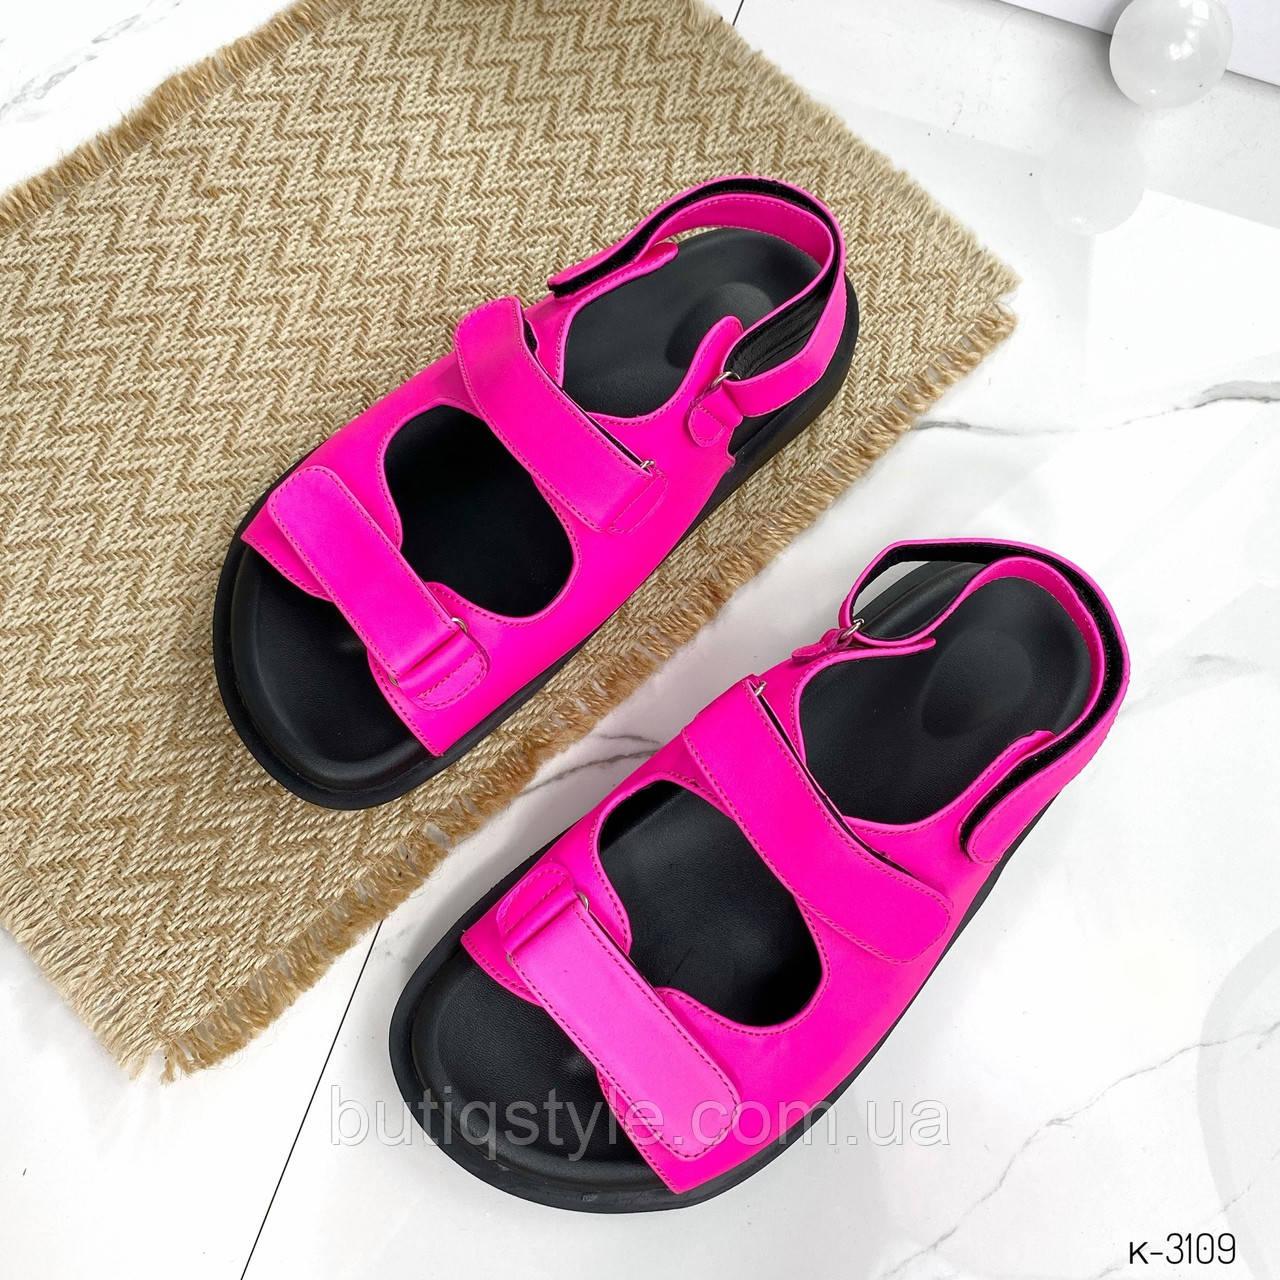 Женские розовые босоножки натуральная кожа